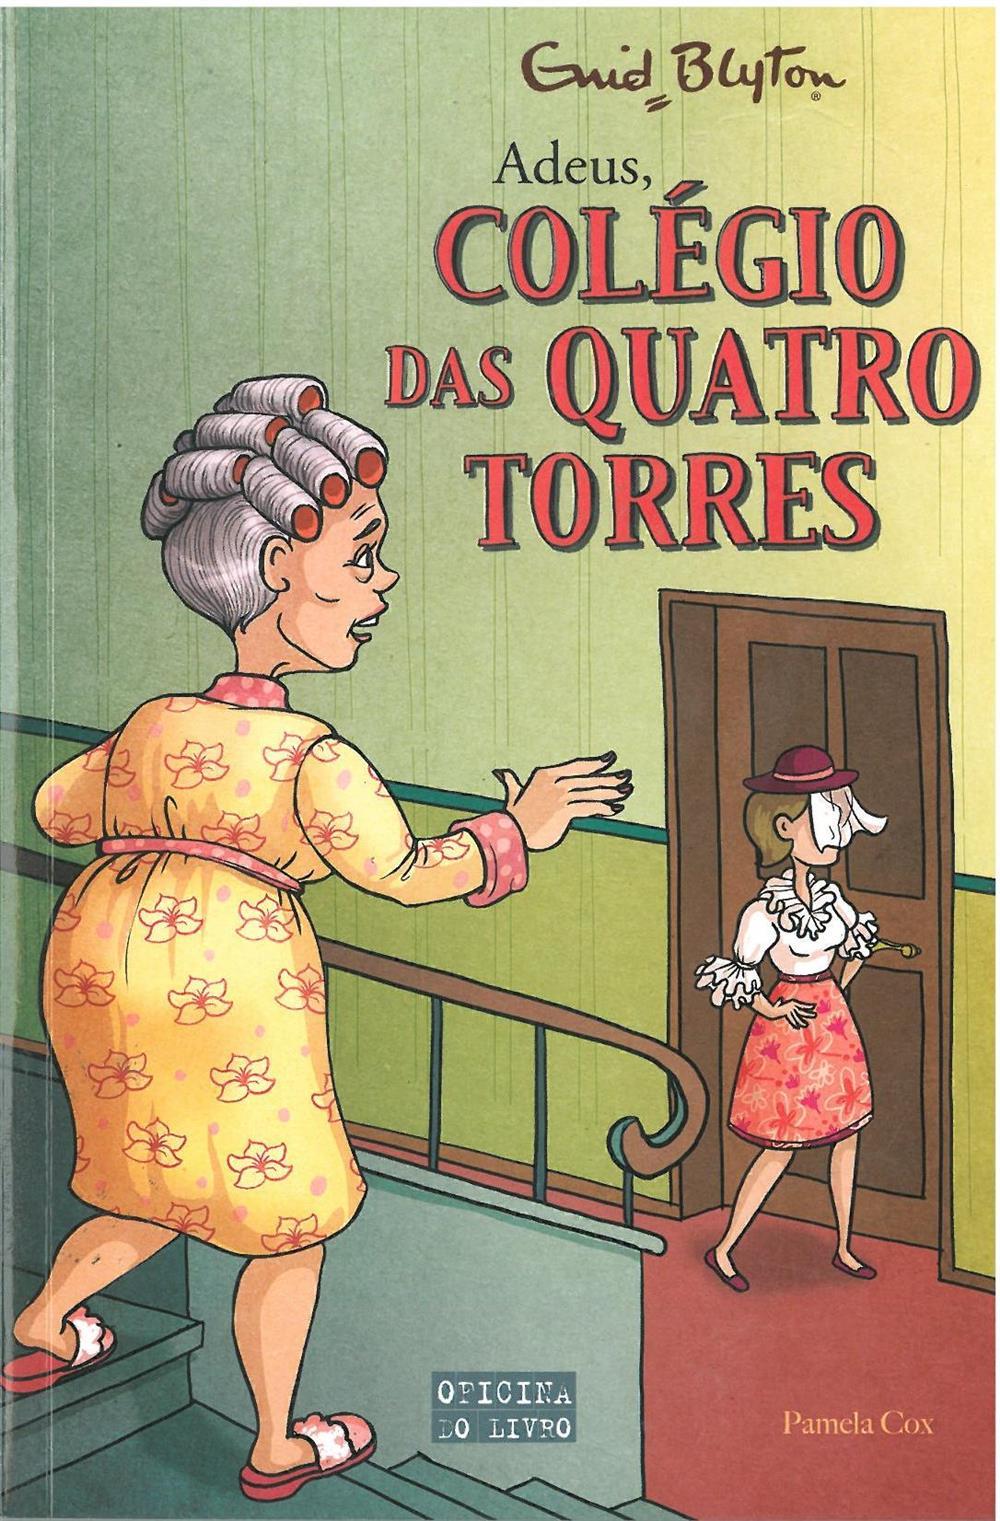 Adeus, Colégio das Quatro Torres_.jpg